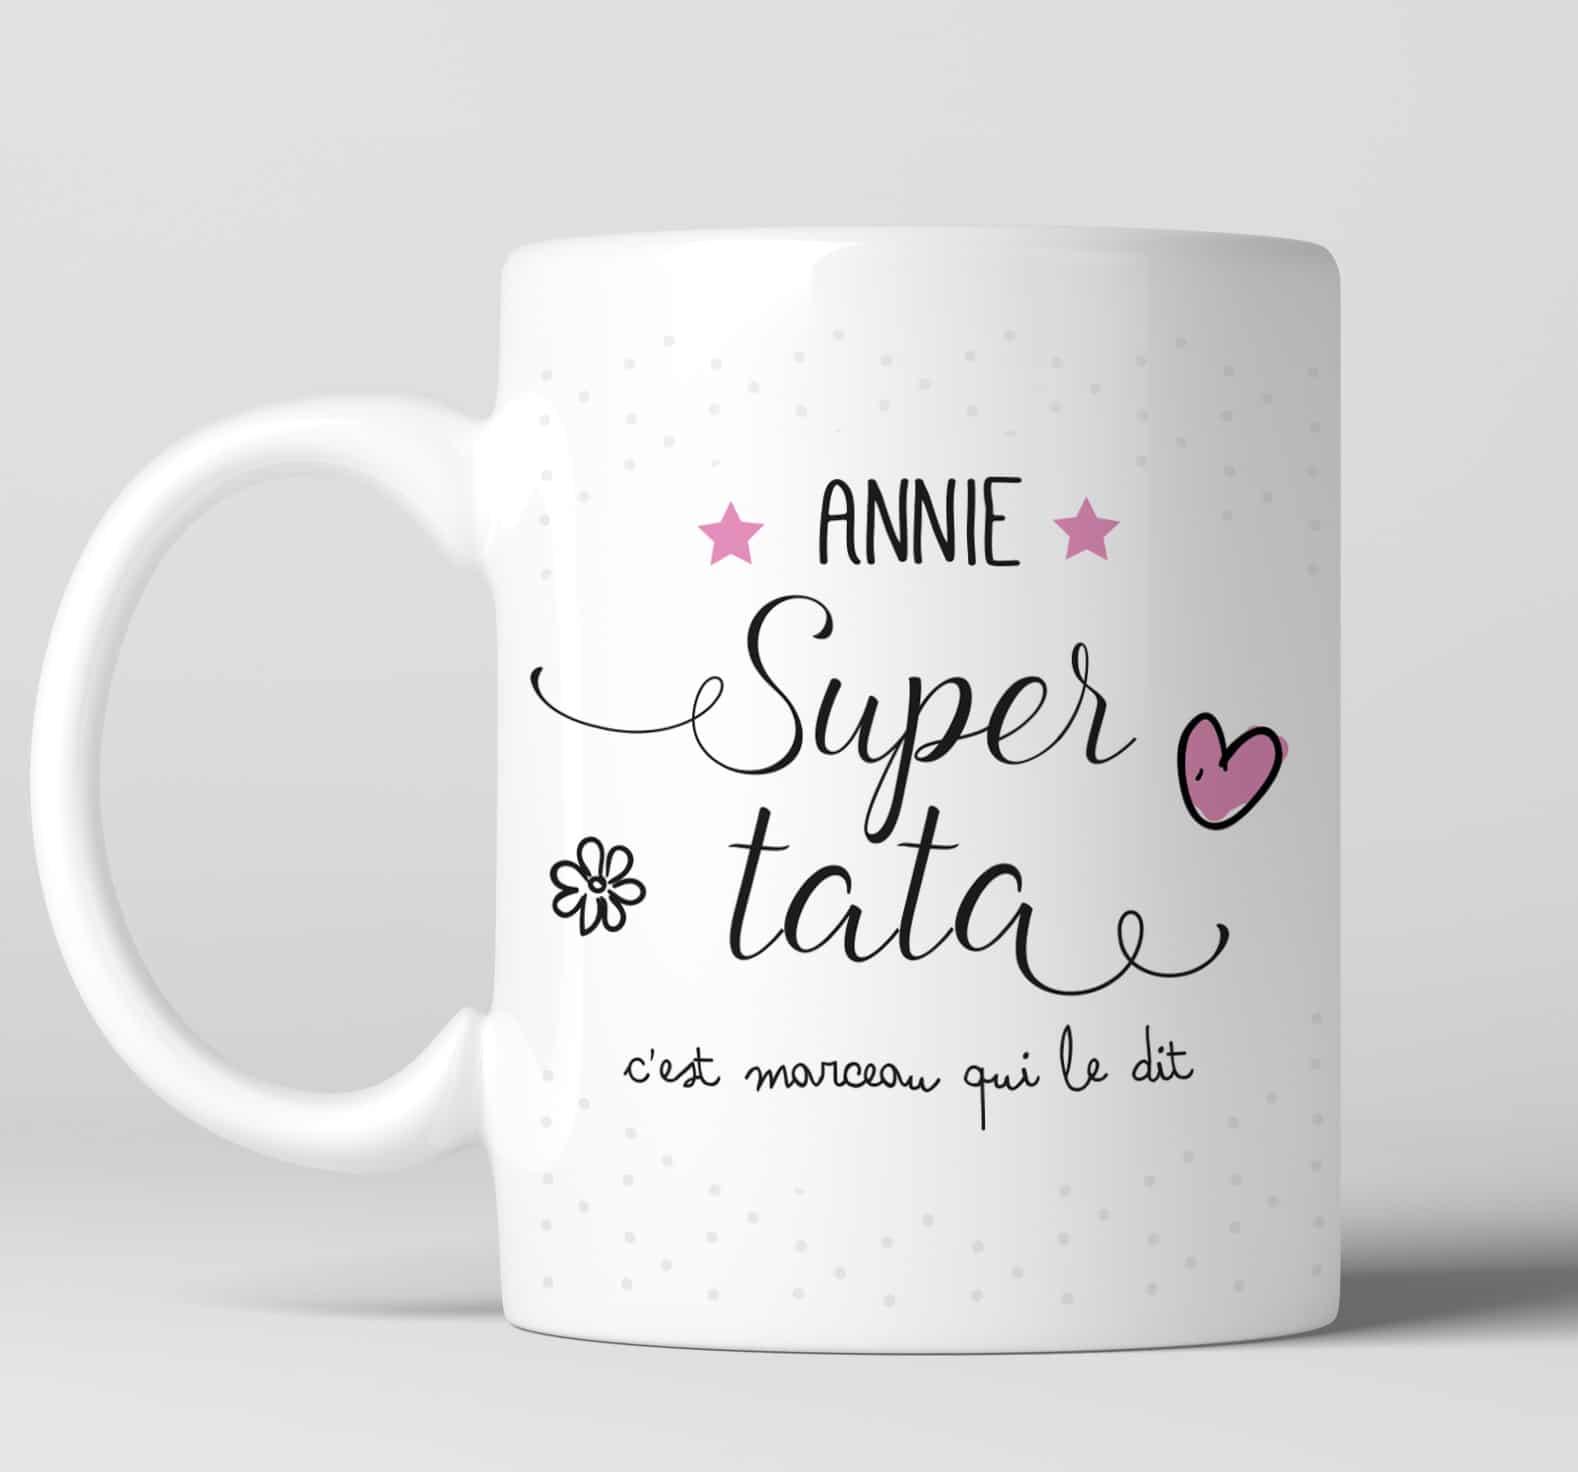 Rectoverso Mug Super Personnalisé Impression Tata VGqUMpSz